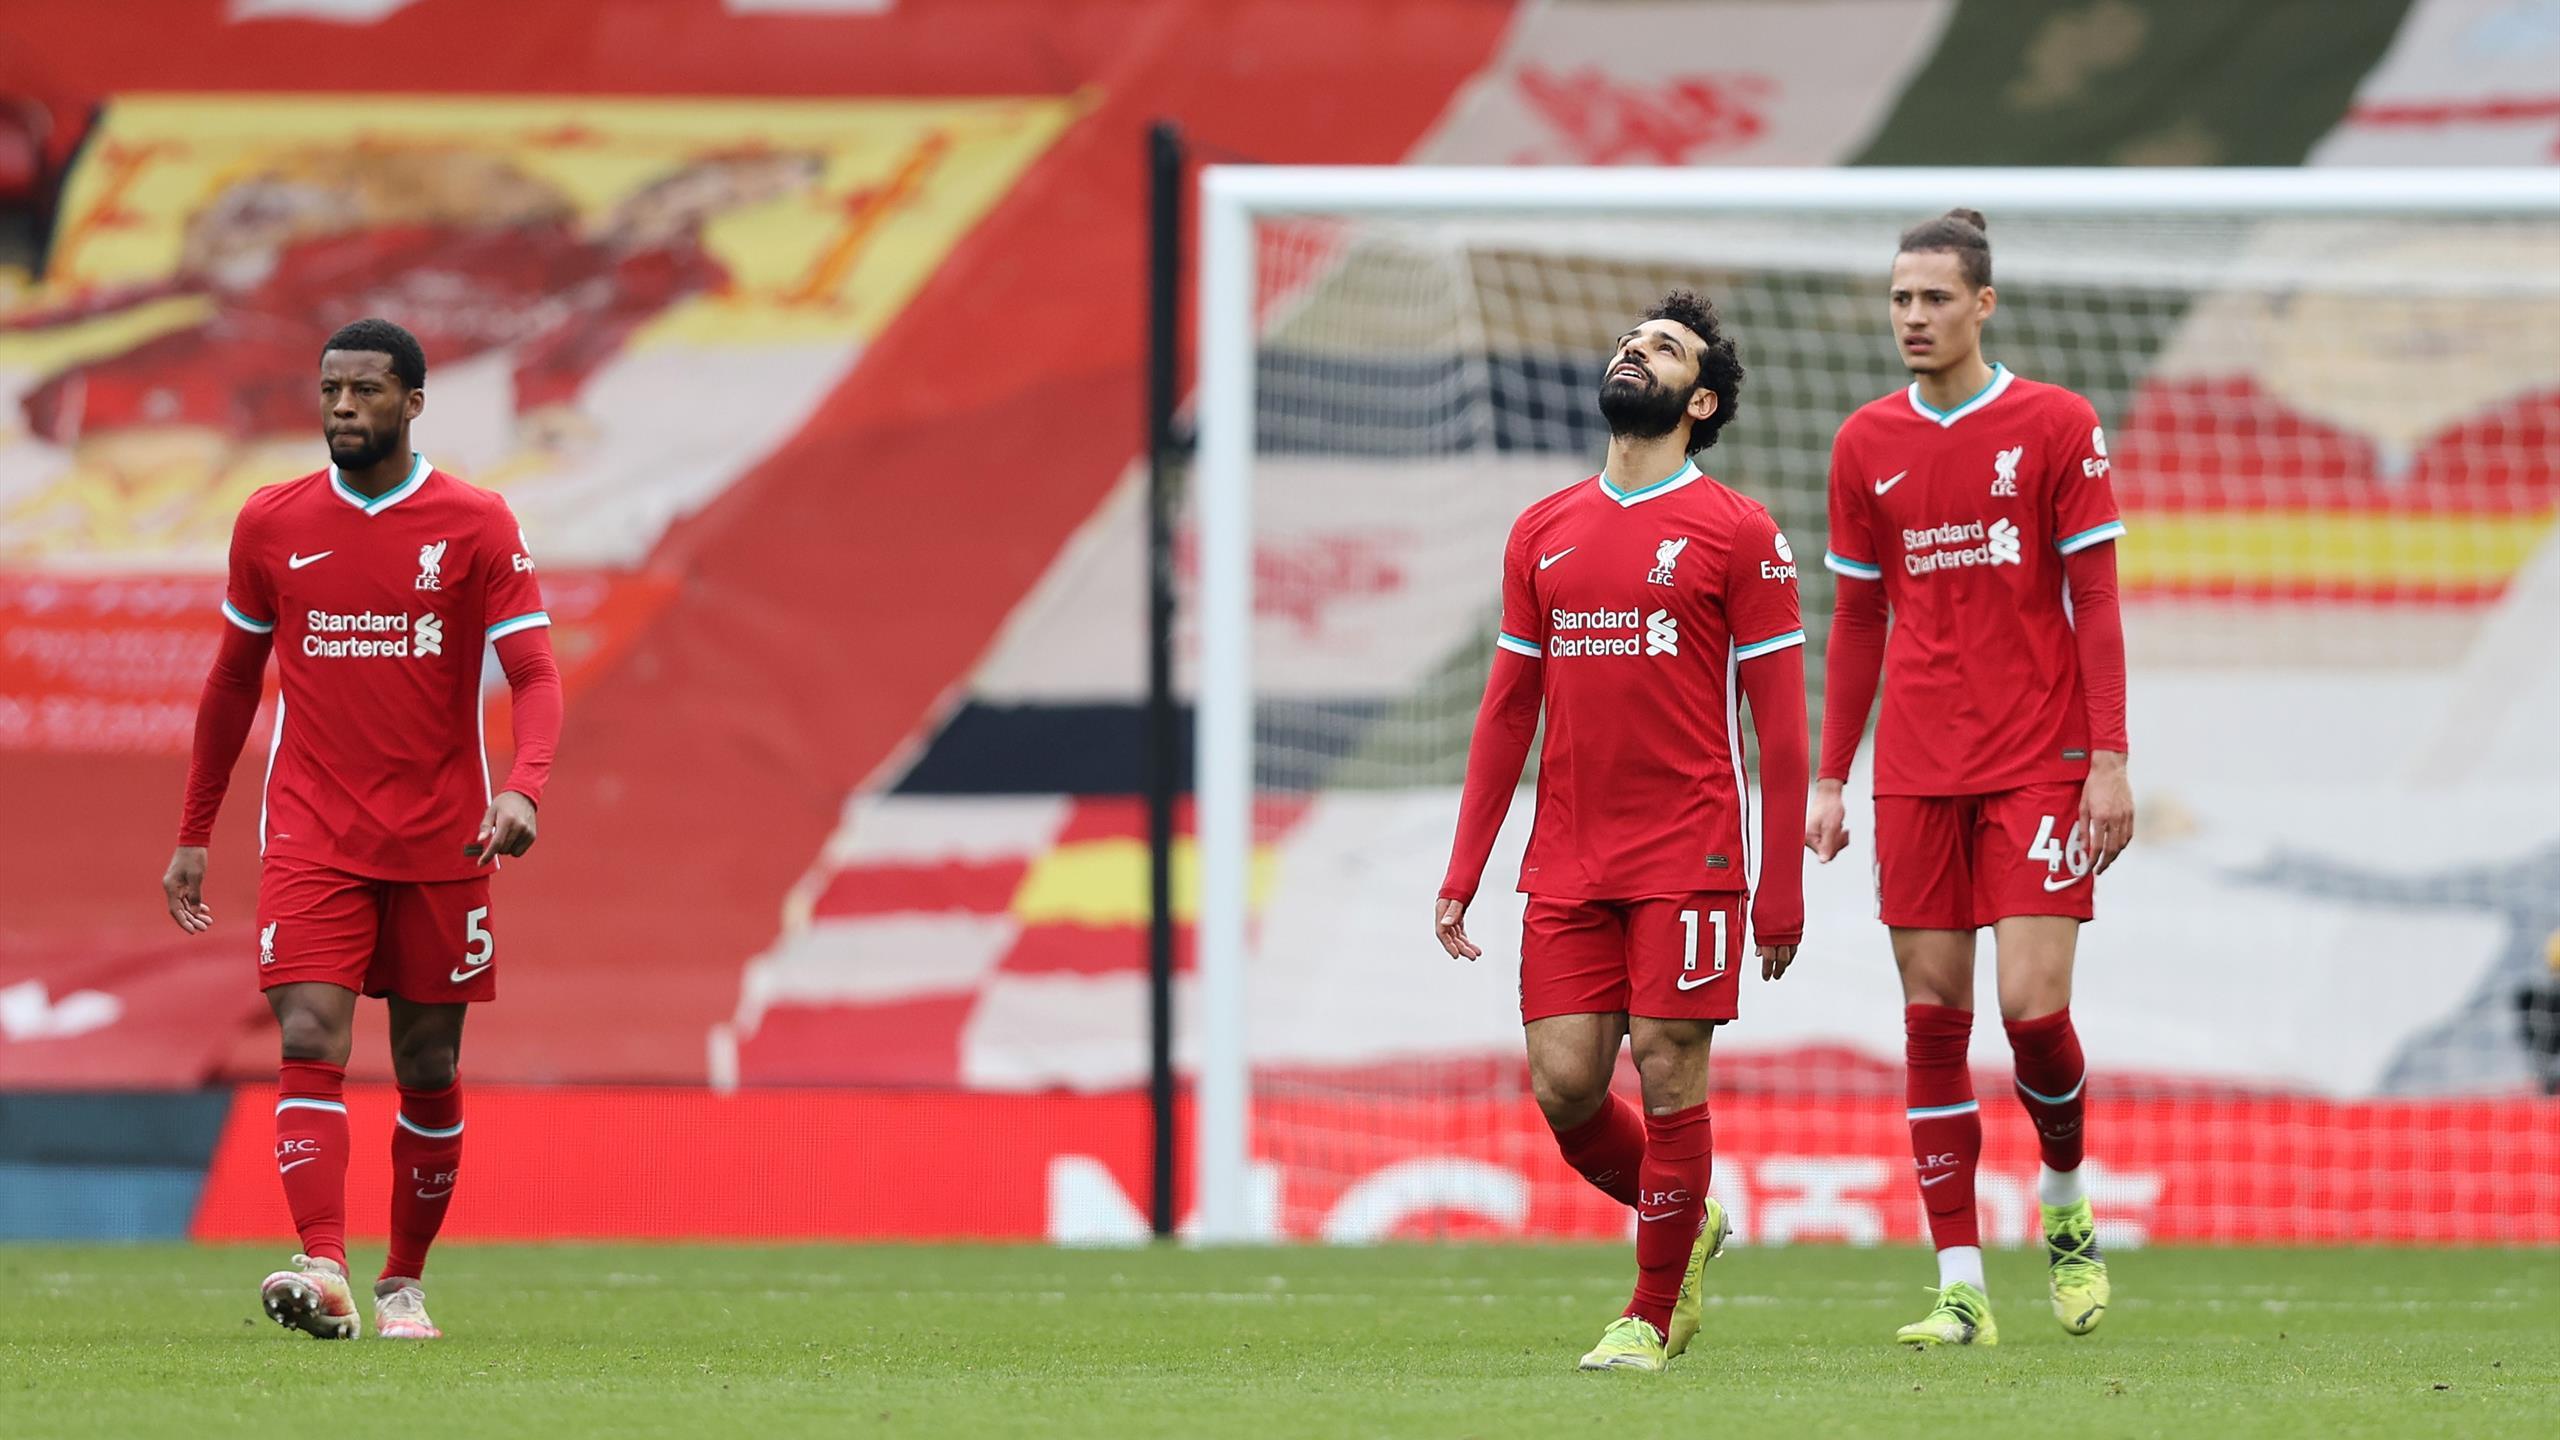 Premier League - Liverpool de mal en pis : Fulham s'impose à Anfield (0-1) - Eurosport FR